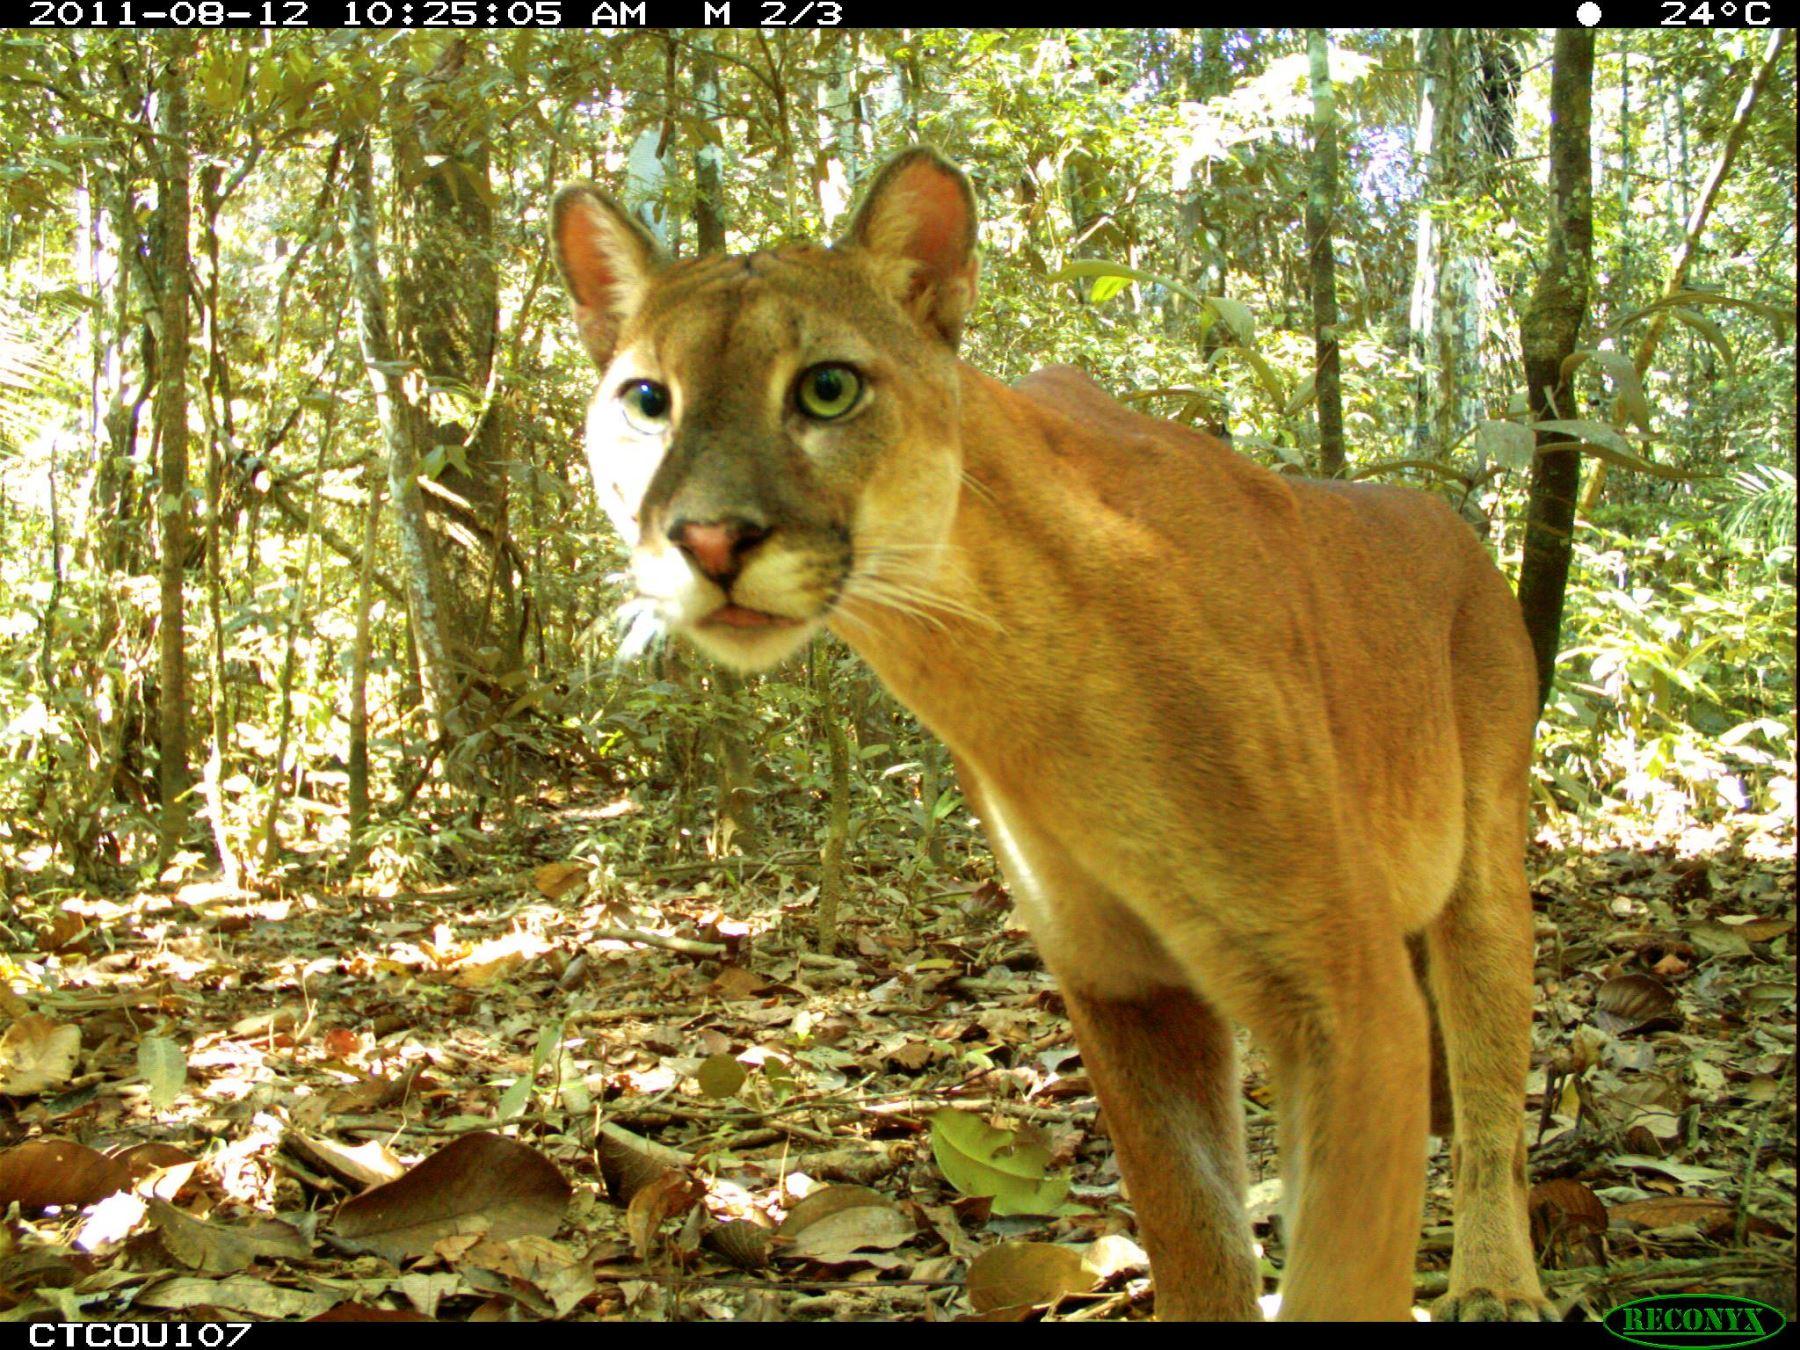 Cámaras trampa obtienen imágenes de especies en el Parque Nacional del Manu. Foto: ANDINA/Difusión.